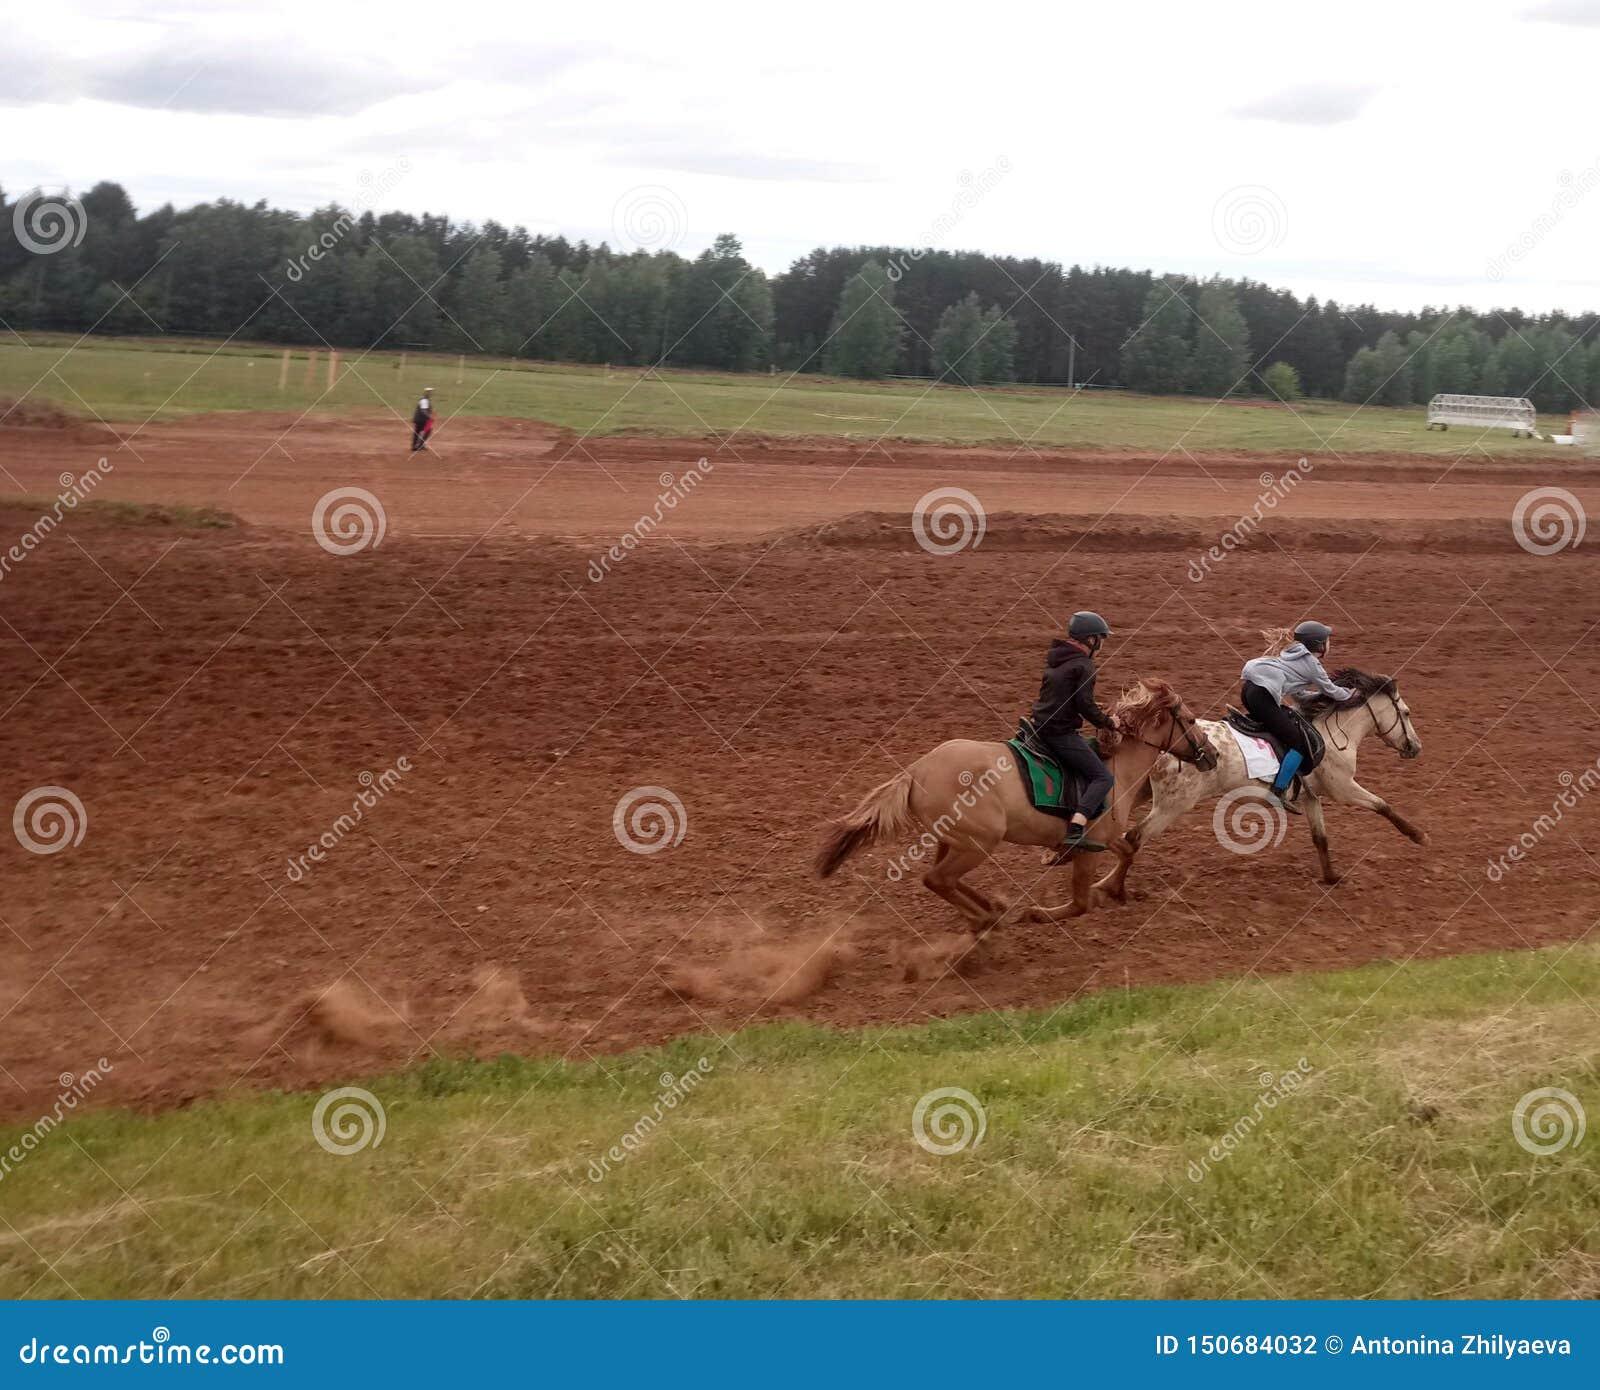 Zwei Reiter zu Pferd laufen